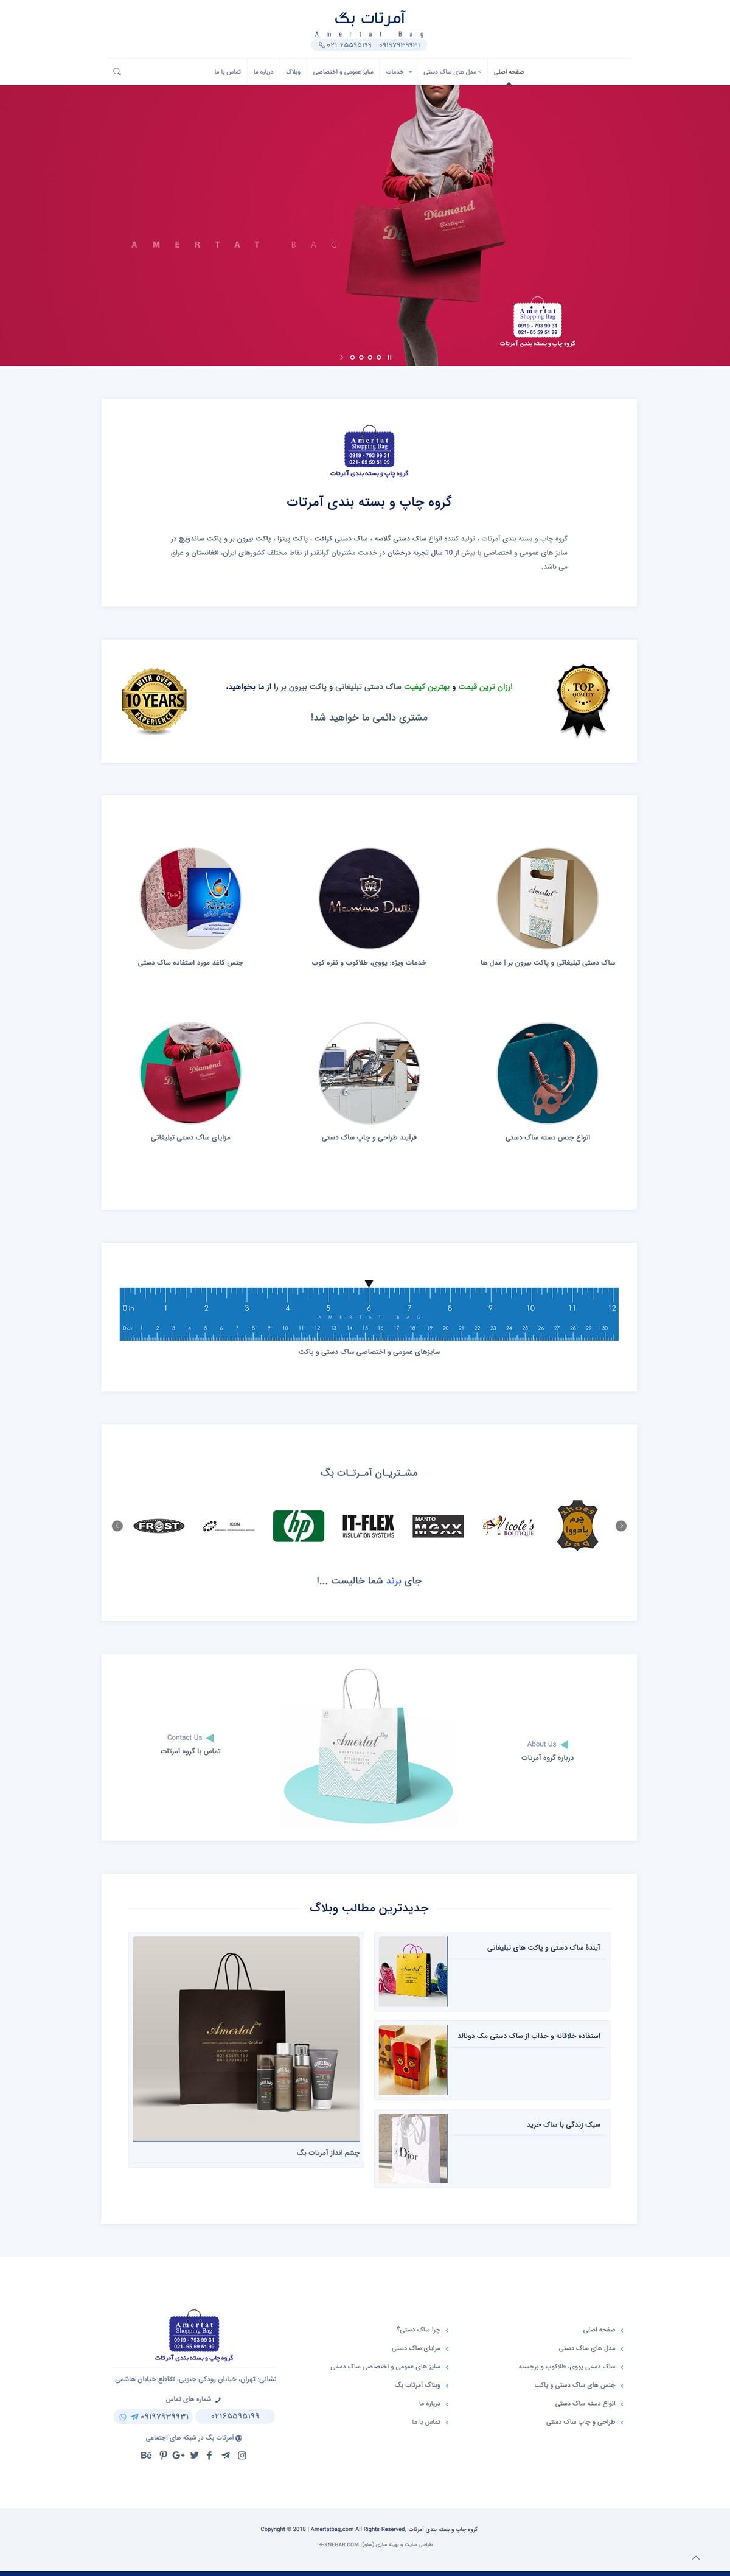 طراحی وب سایت | طراحی وب سایت فروشگاهی